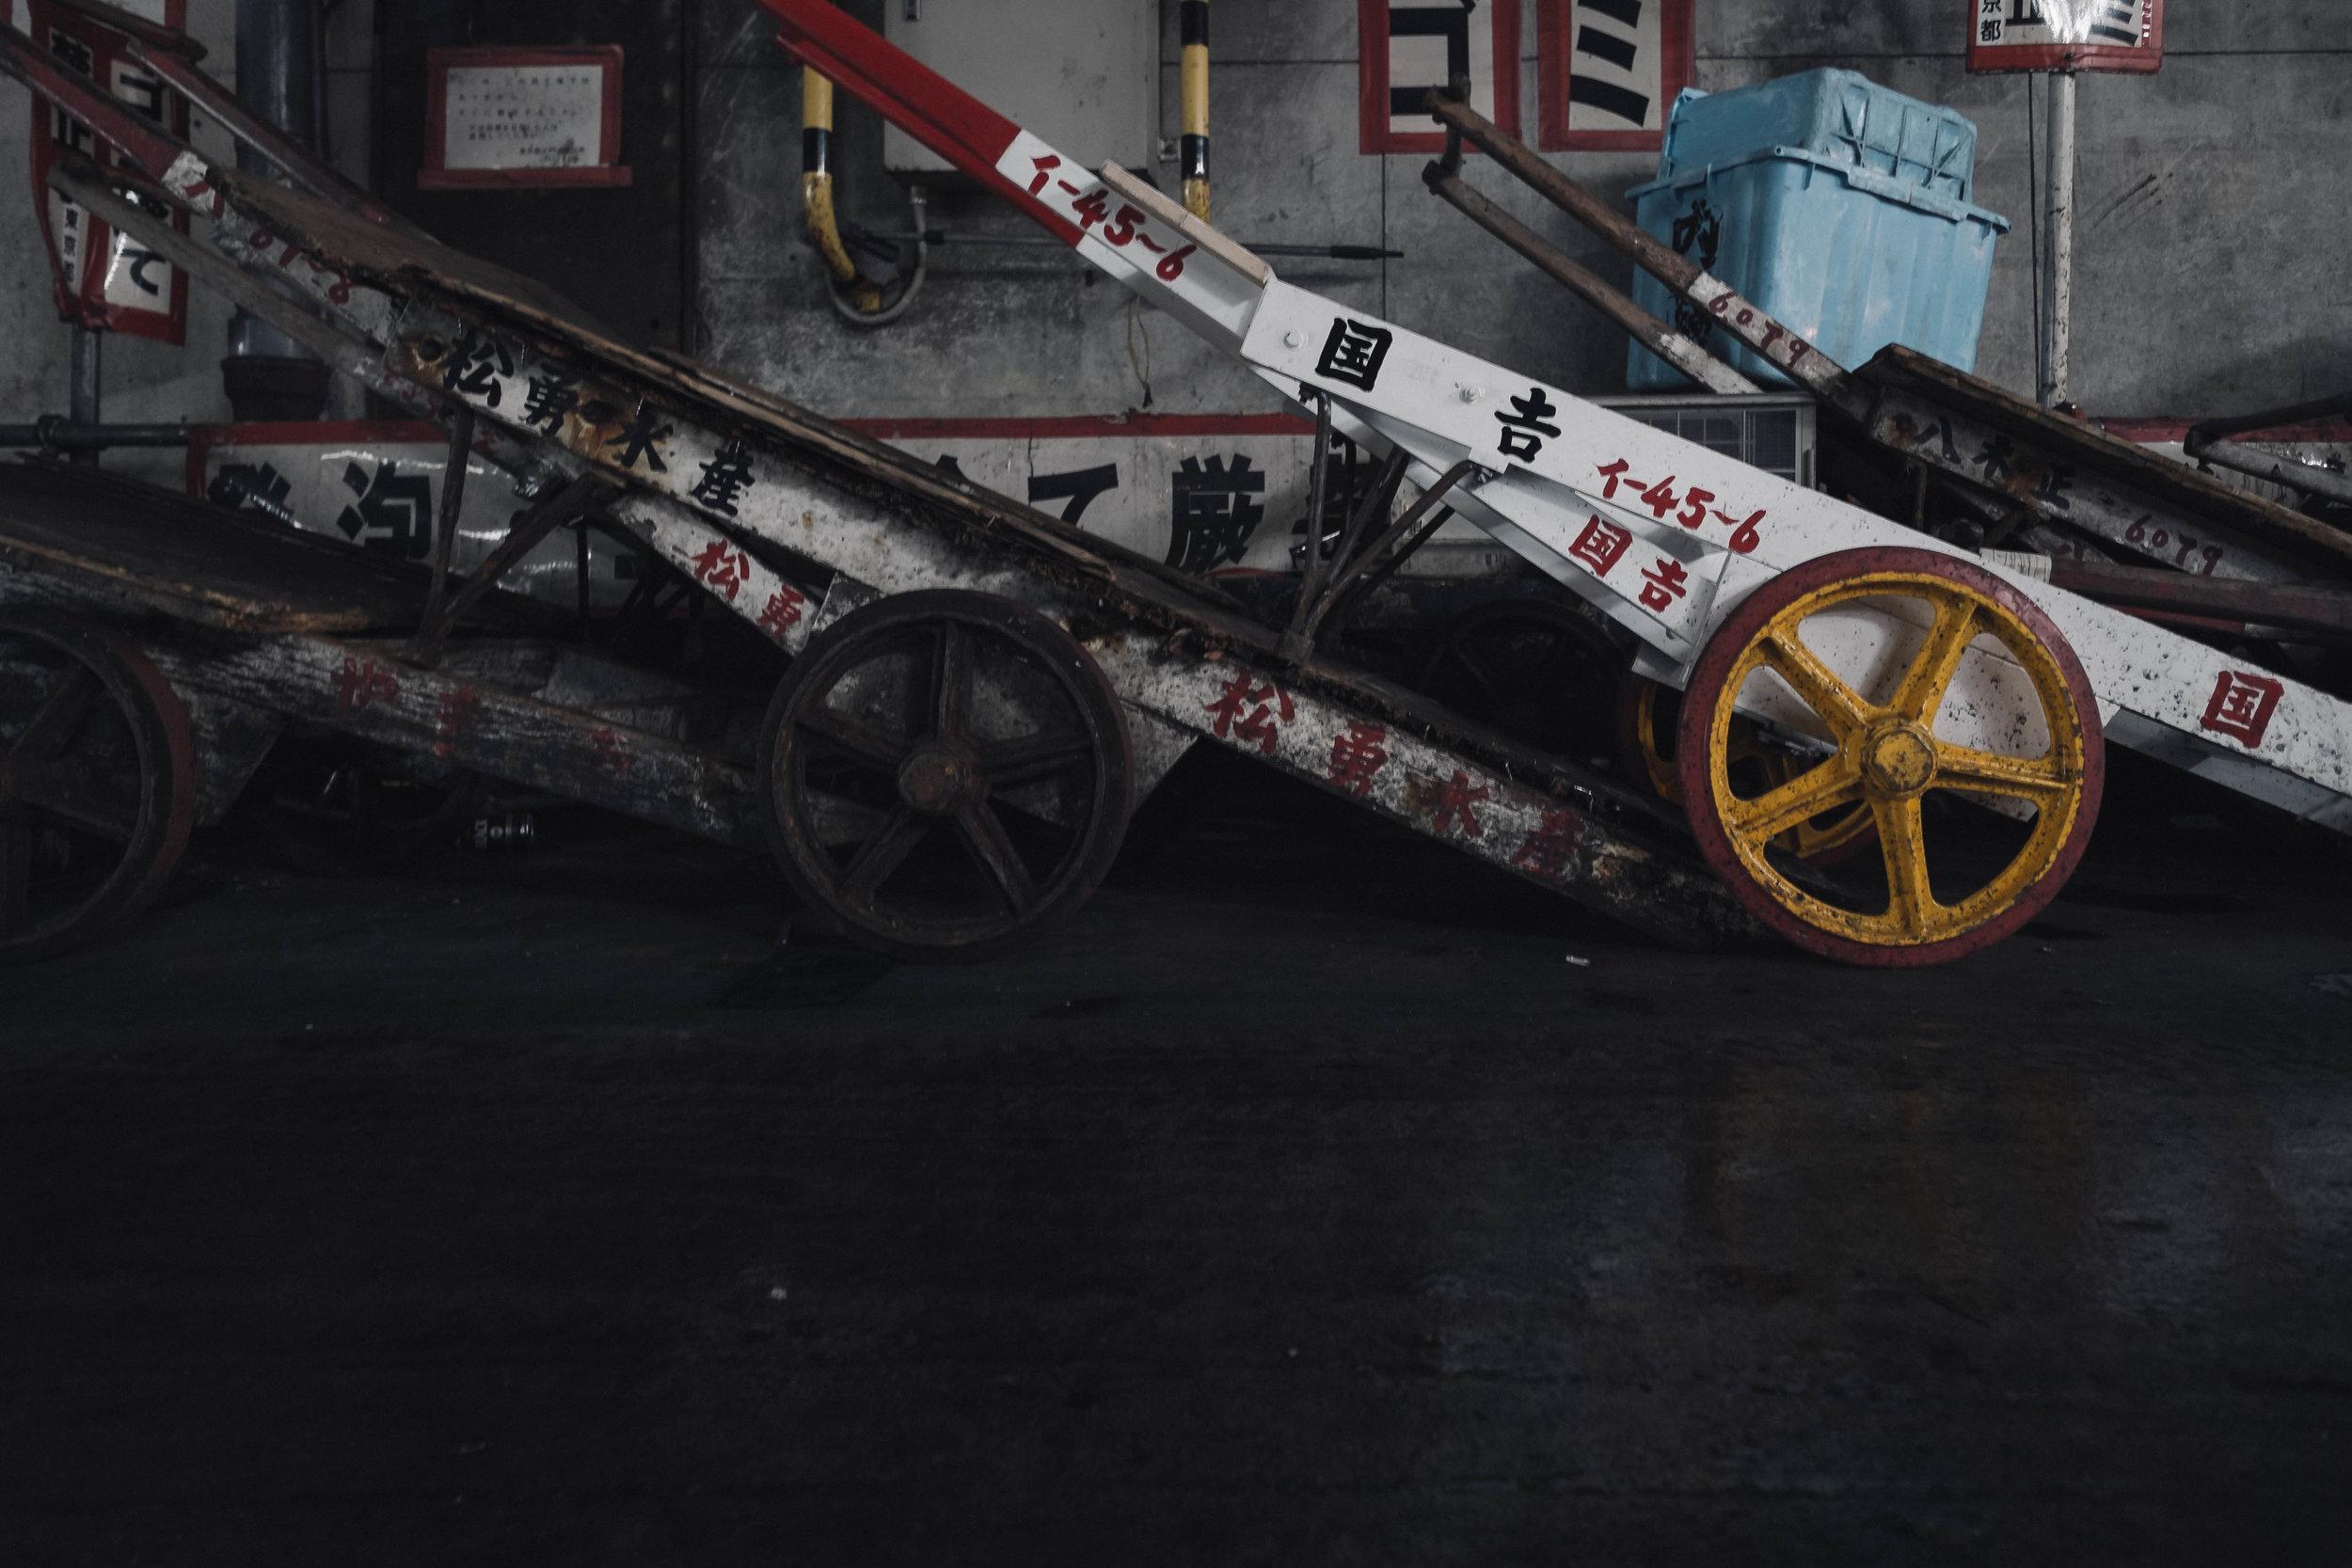 Carts waiting, Tsukiji Fish  Market, Tokyo.